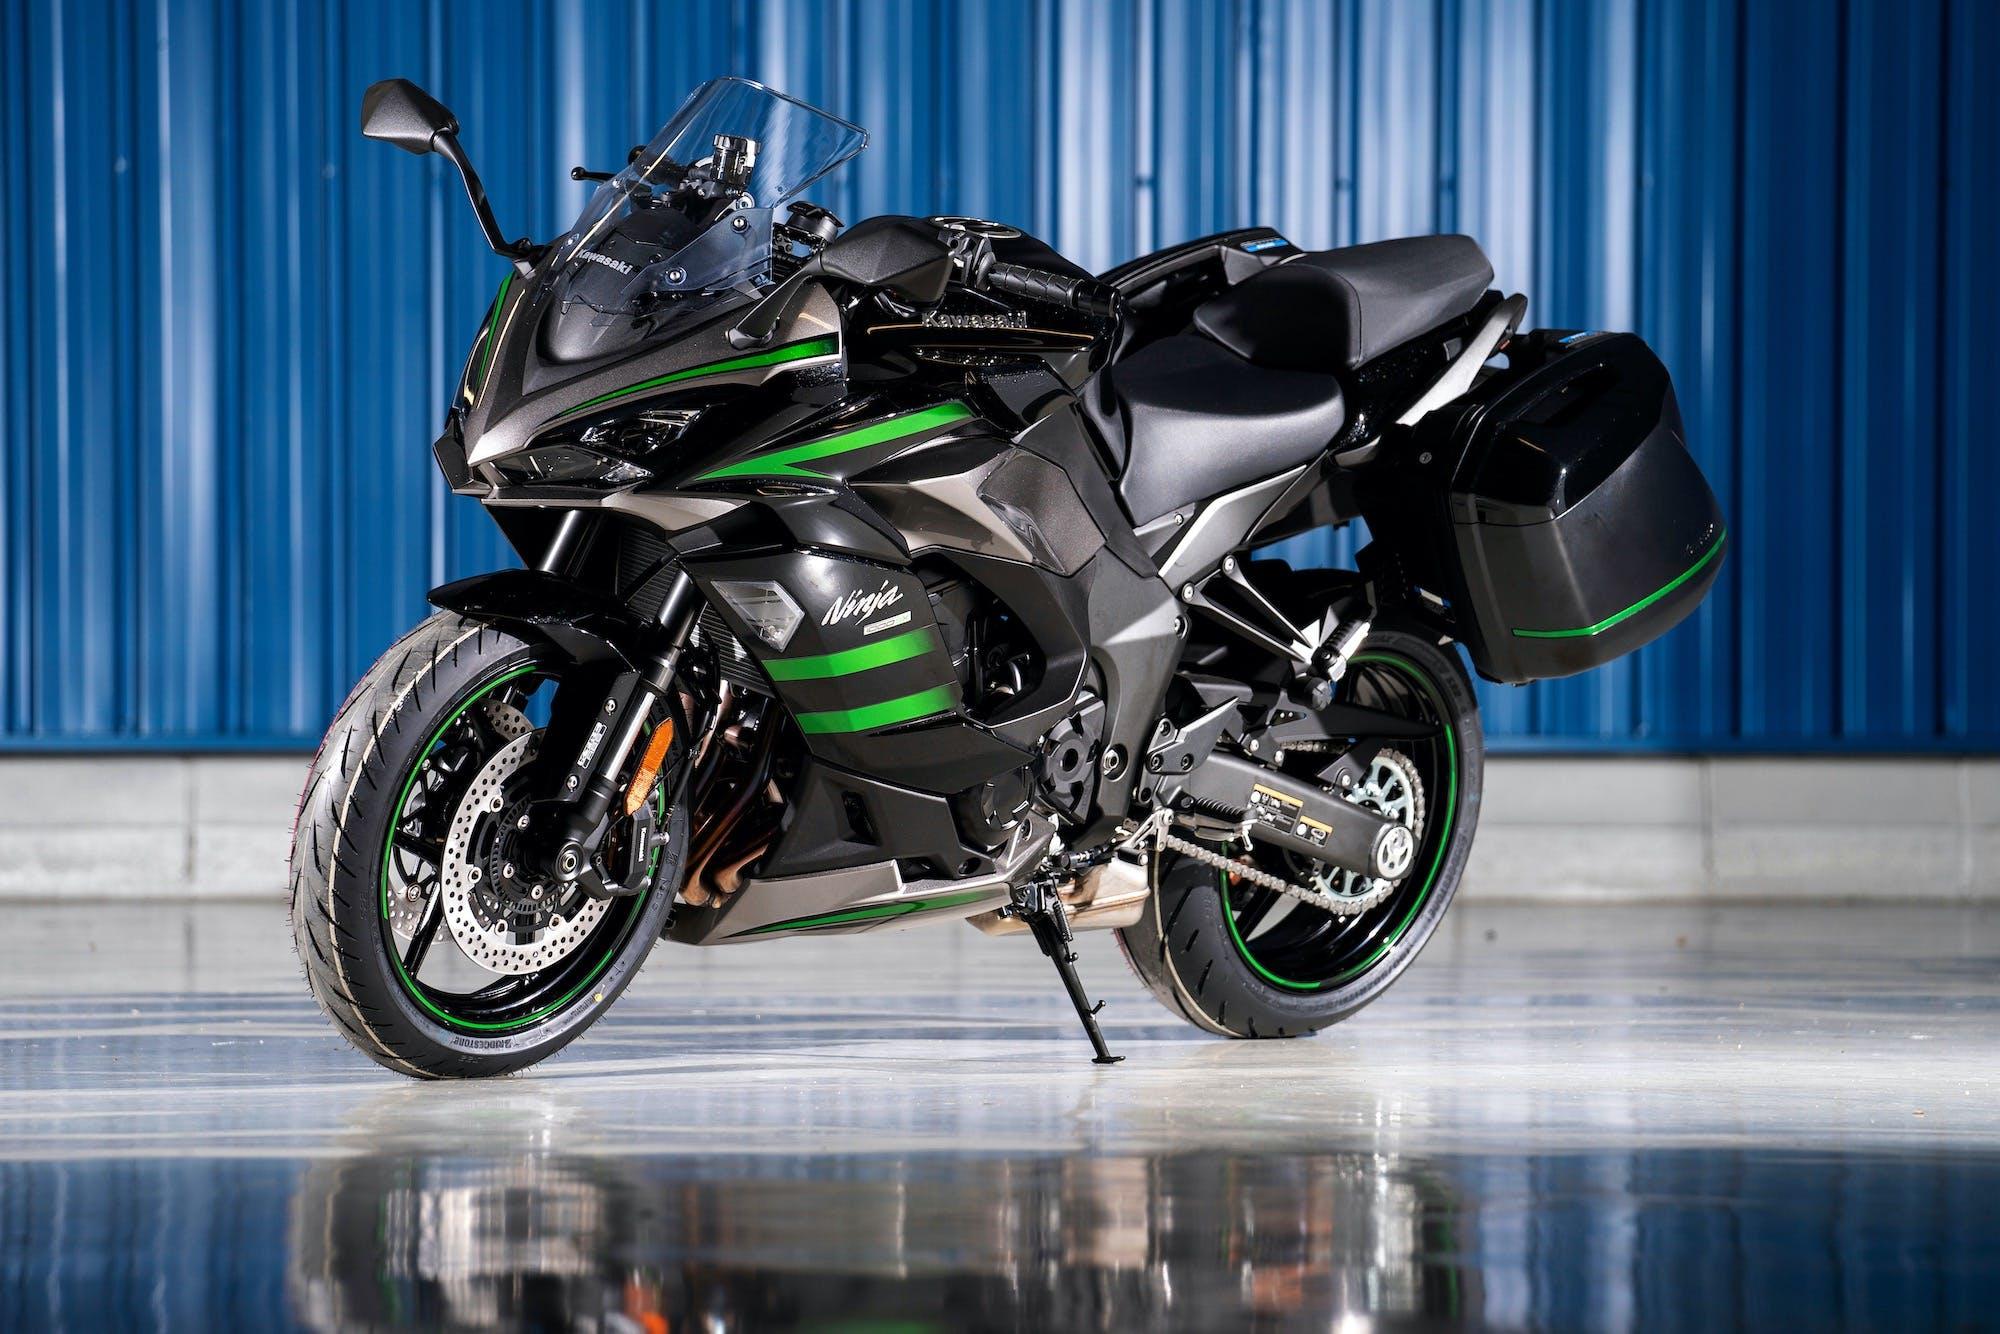 Kawasaki Ninja 1000SX Verde e nera con le borse